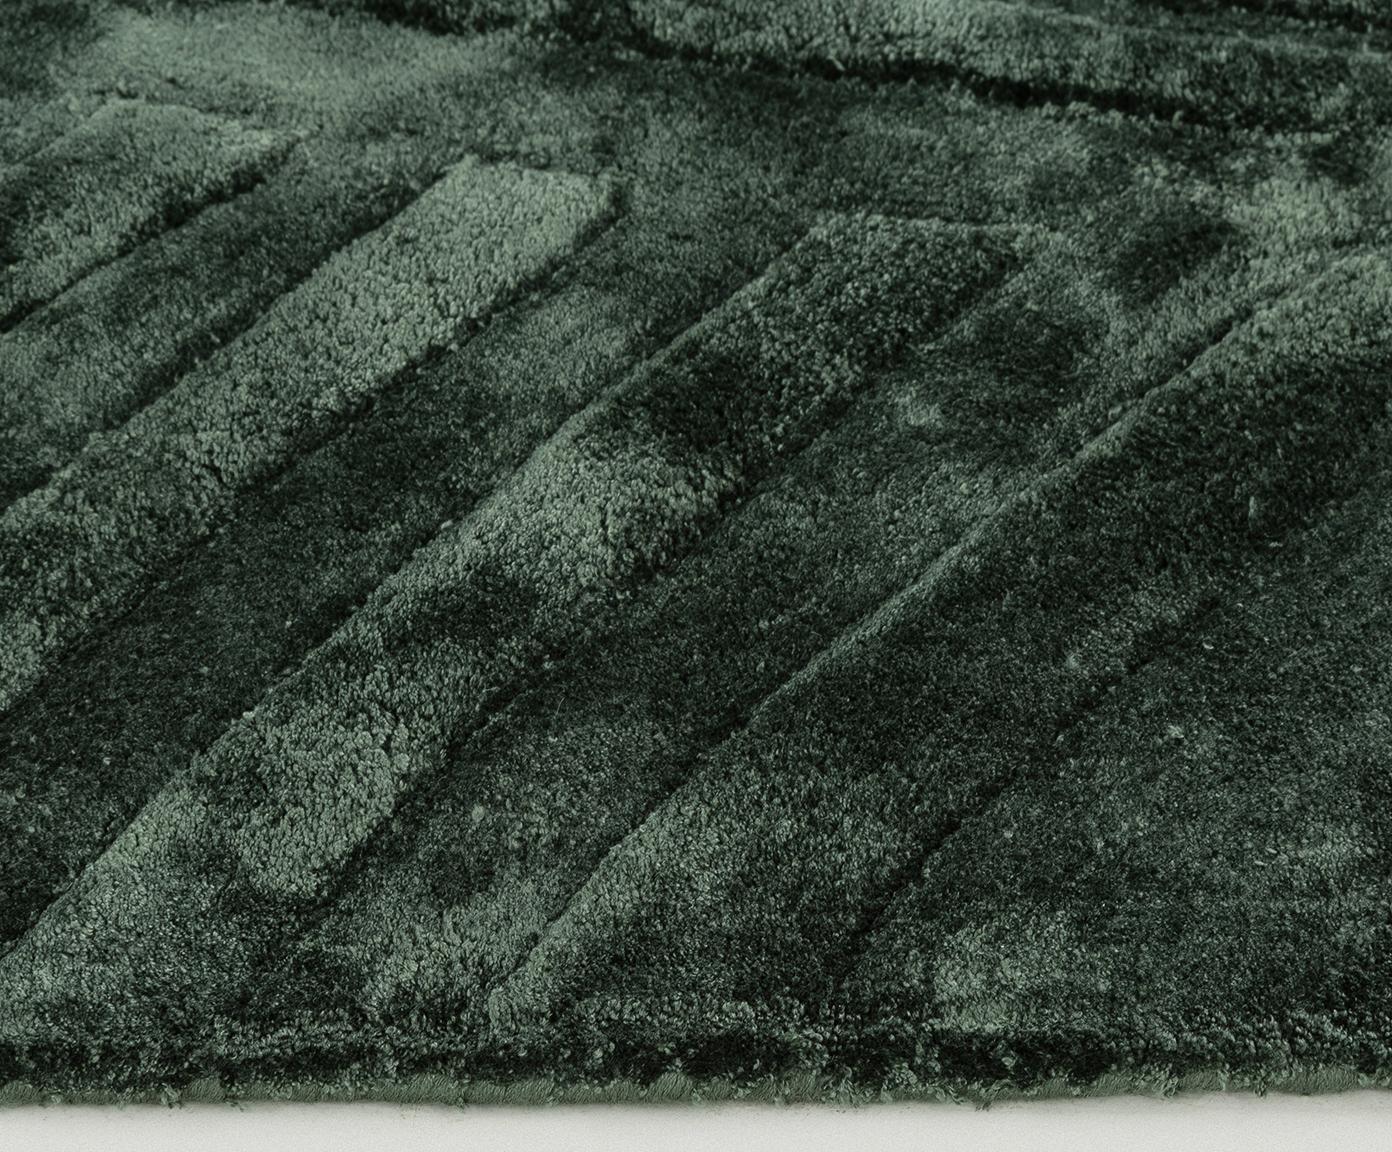 Handgetuft viscose vloerkleed Bloom, Bovenzijde: 100% viscose, Onderzijde: 100% katoen, Donkergroen, 160 x 230 cm